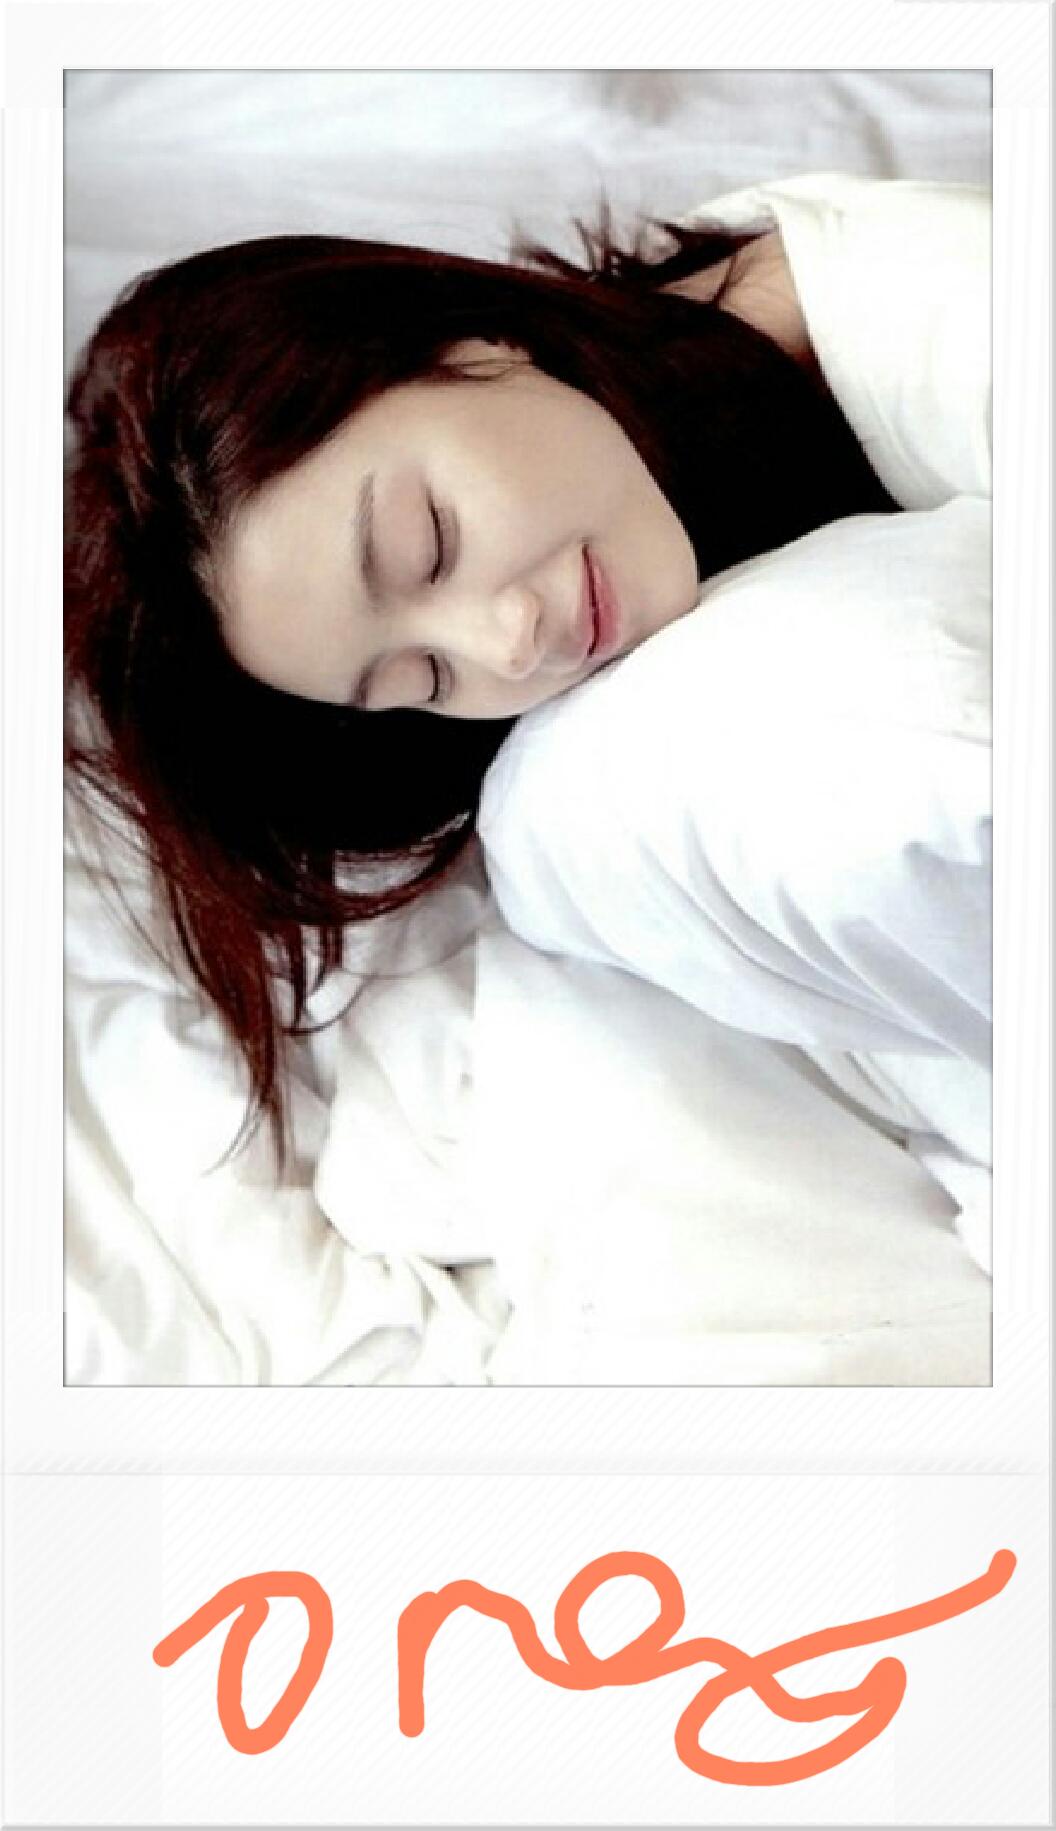 수지 - Magazine cover